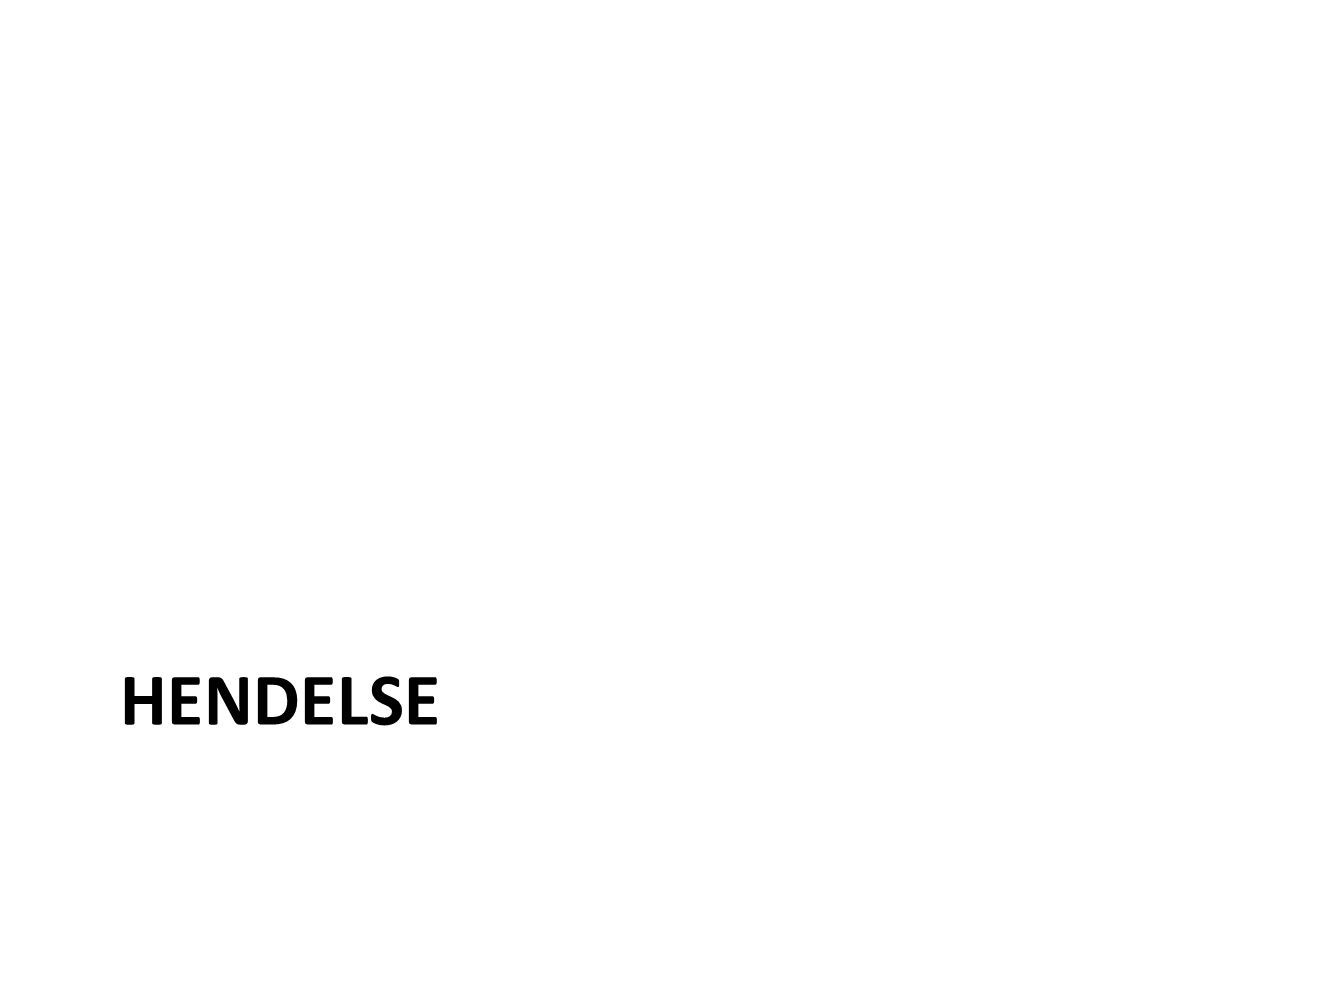 HENDELSE